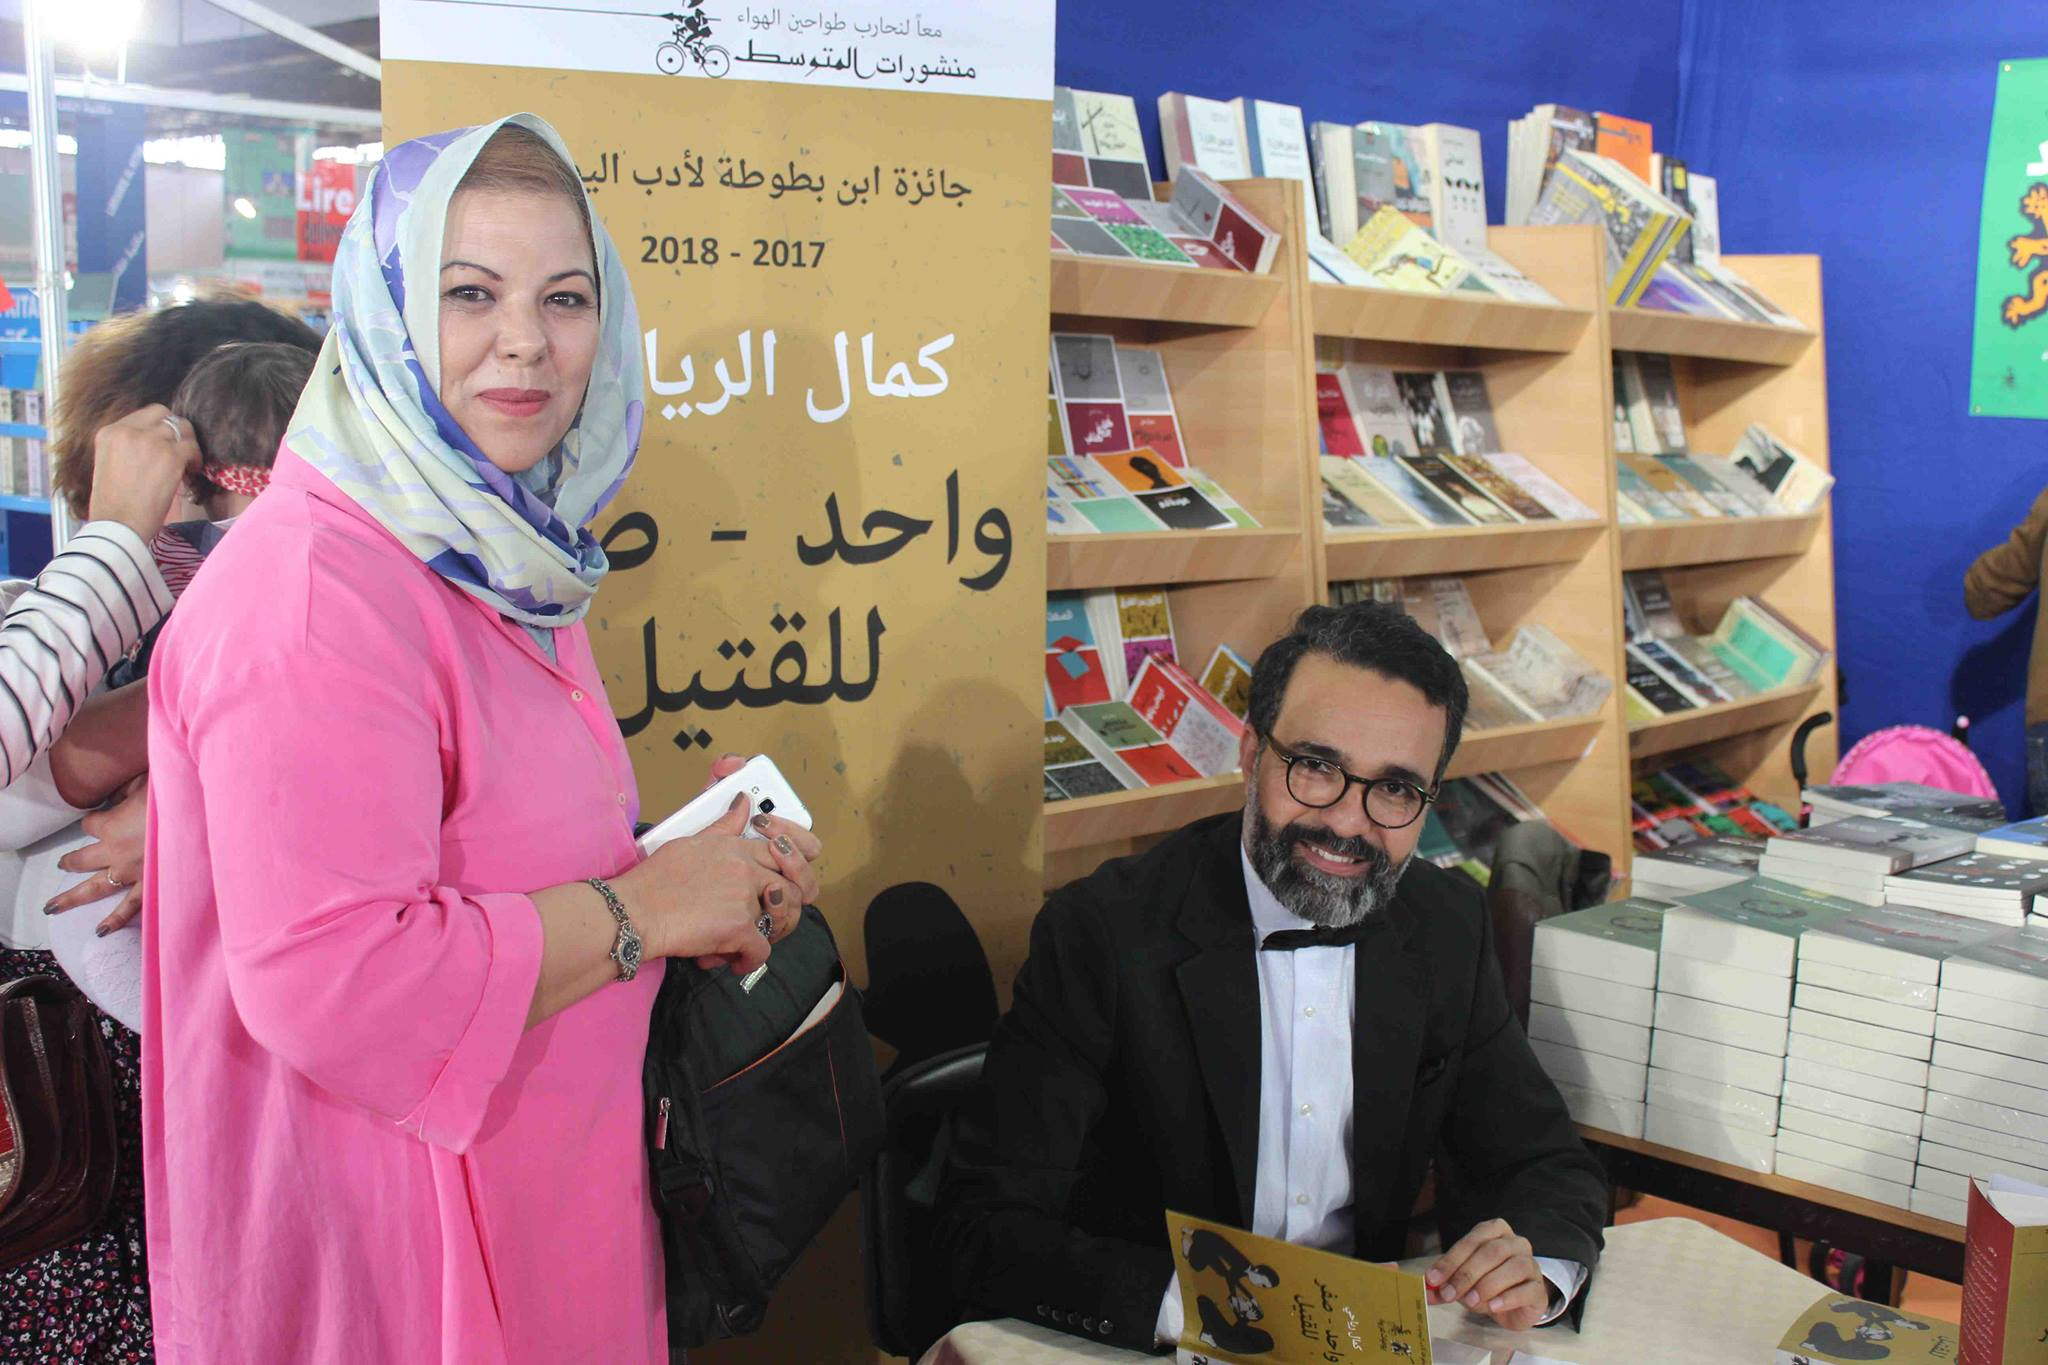 كمال الرياحى يوقع كتابه واحد صفر للقتيل الفائز بجائزة ابن بطوطة فى معرض تونس (22)